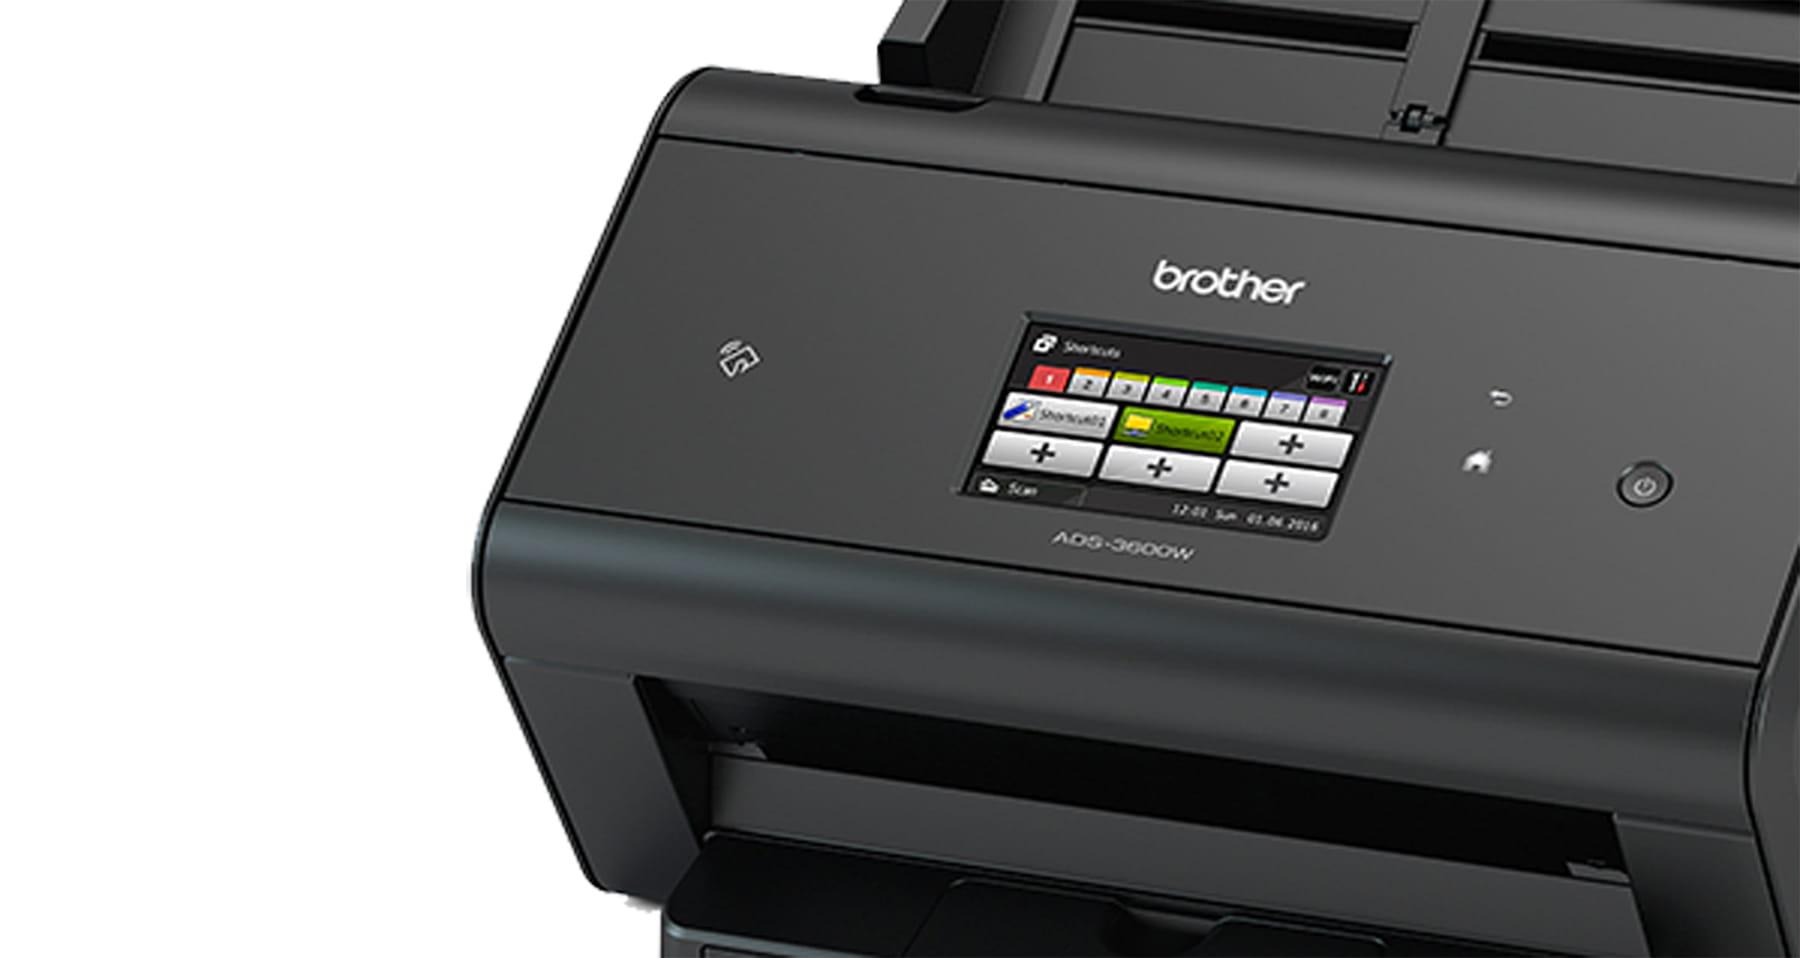 Brother-desktop-scanner